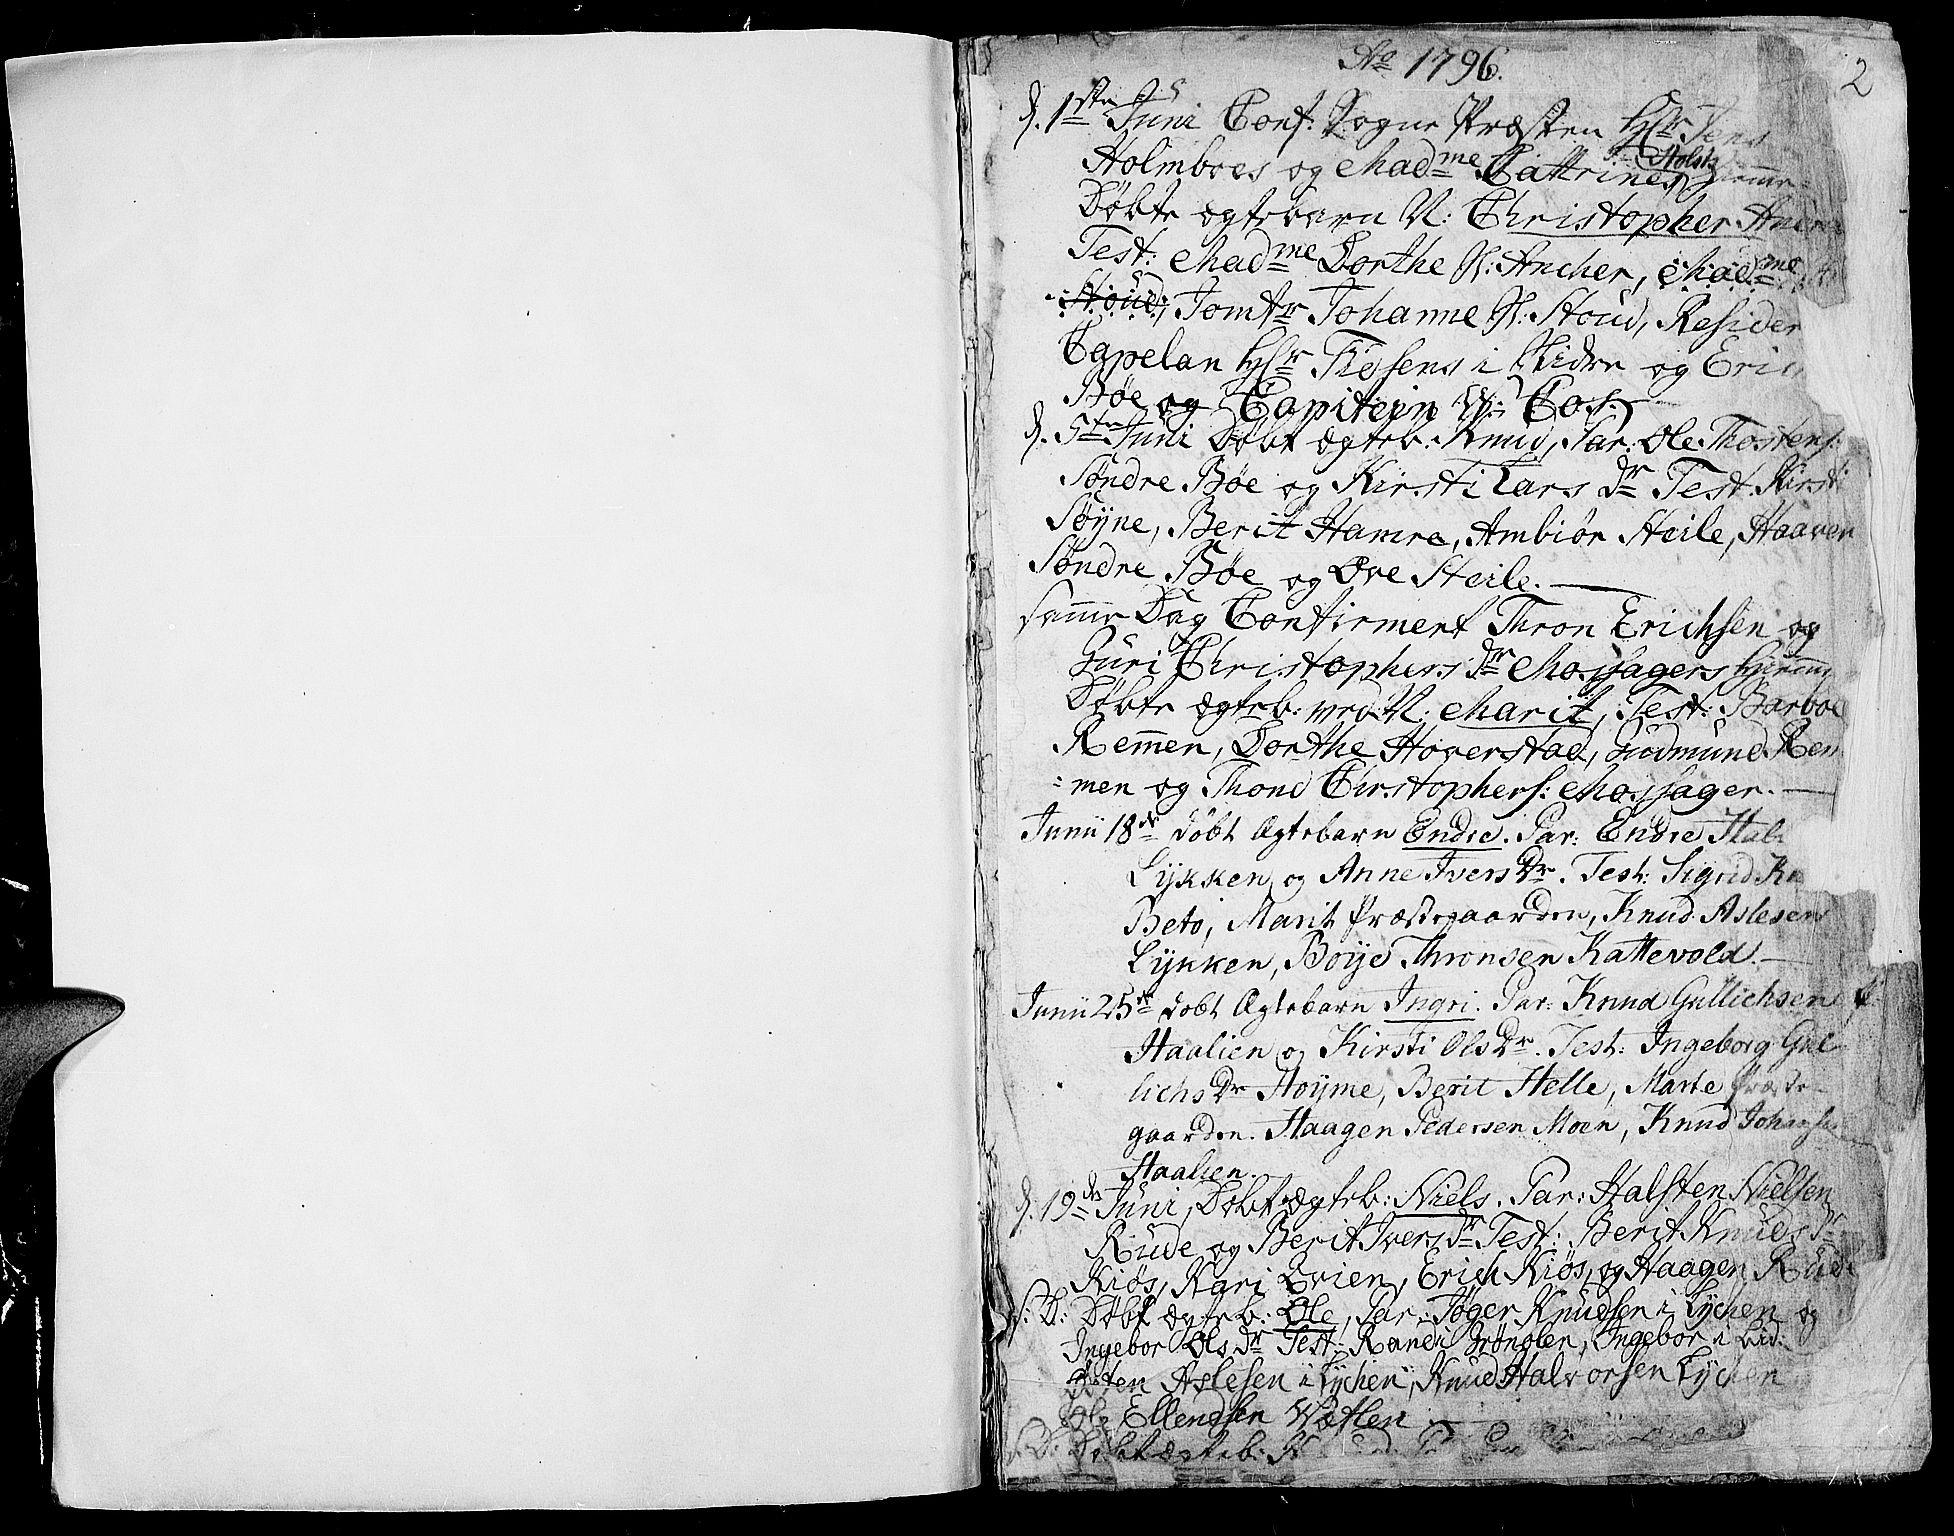 SAH, Vang prestekontor, Valdres, Ministerialbok nr. 2, 1796-1808, s. 1-2